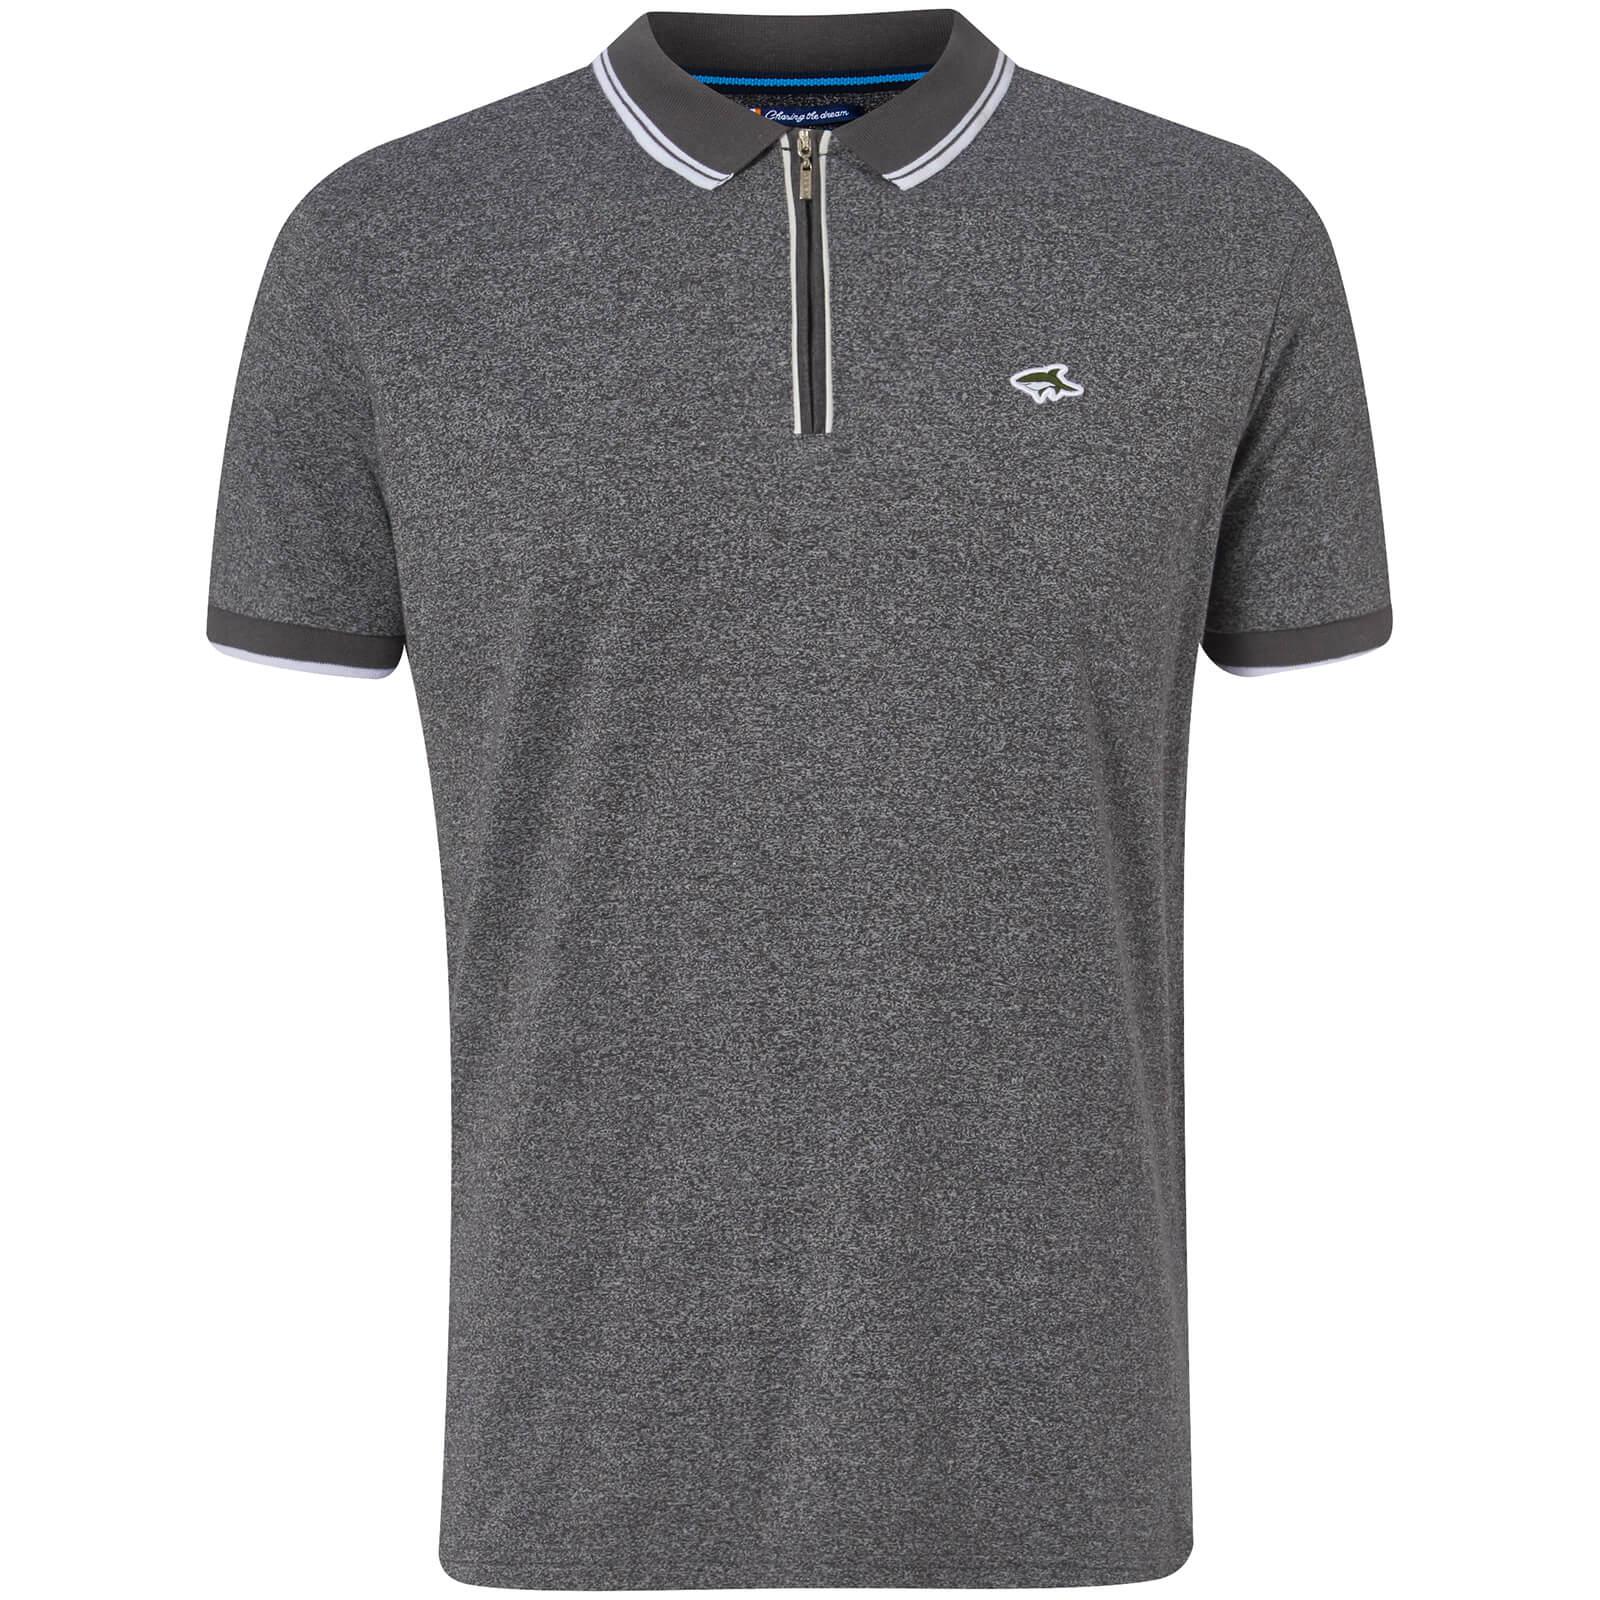 Le Shark Men s Holmdale Zip Polo Shirt - Asphalt Clothing  1a6233970e2c